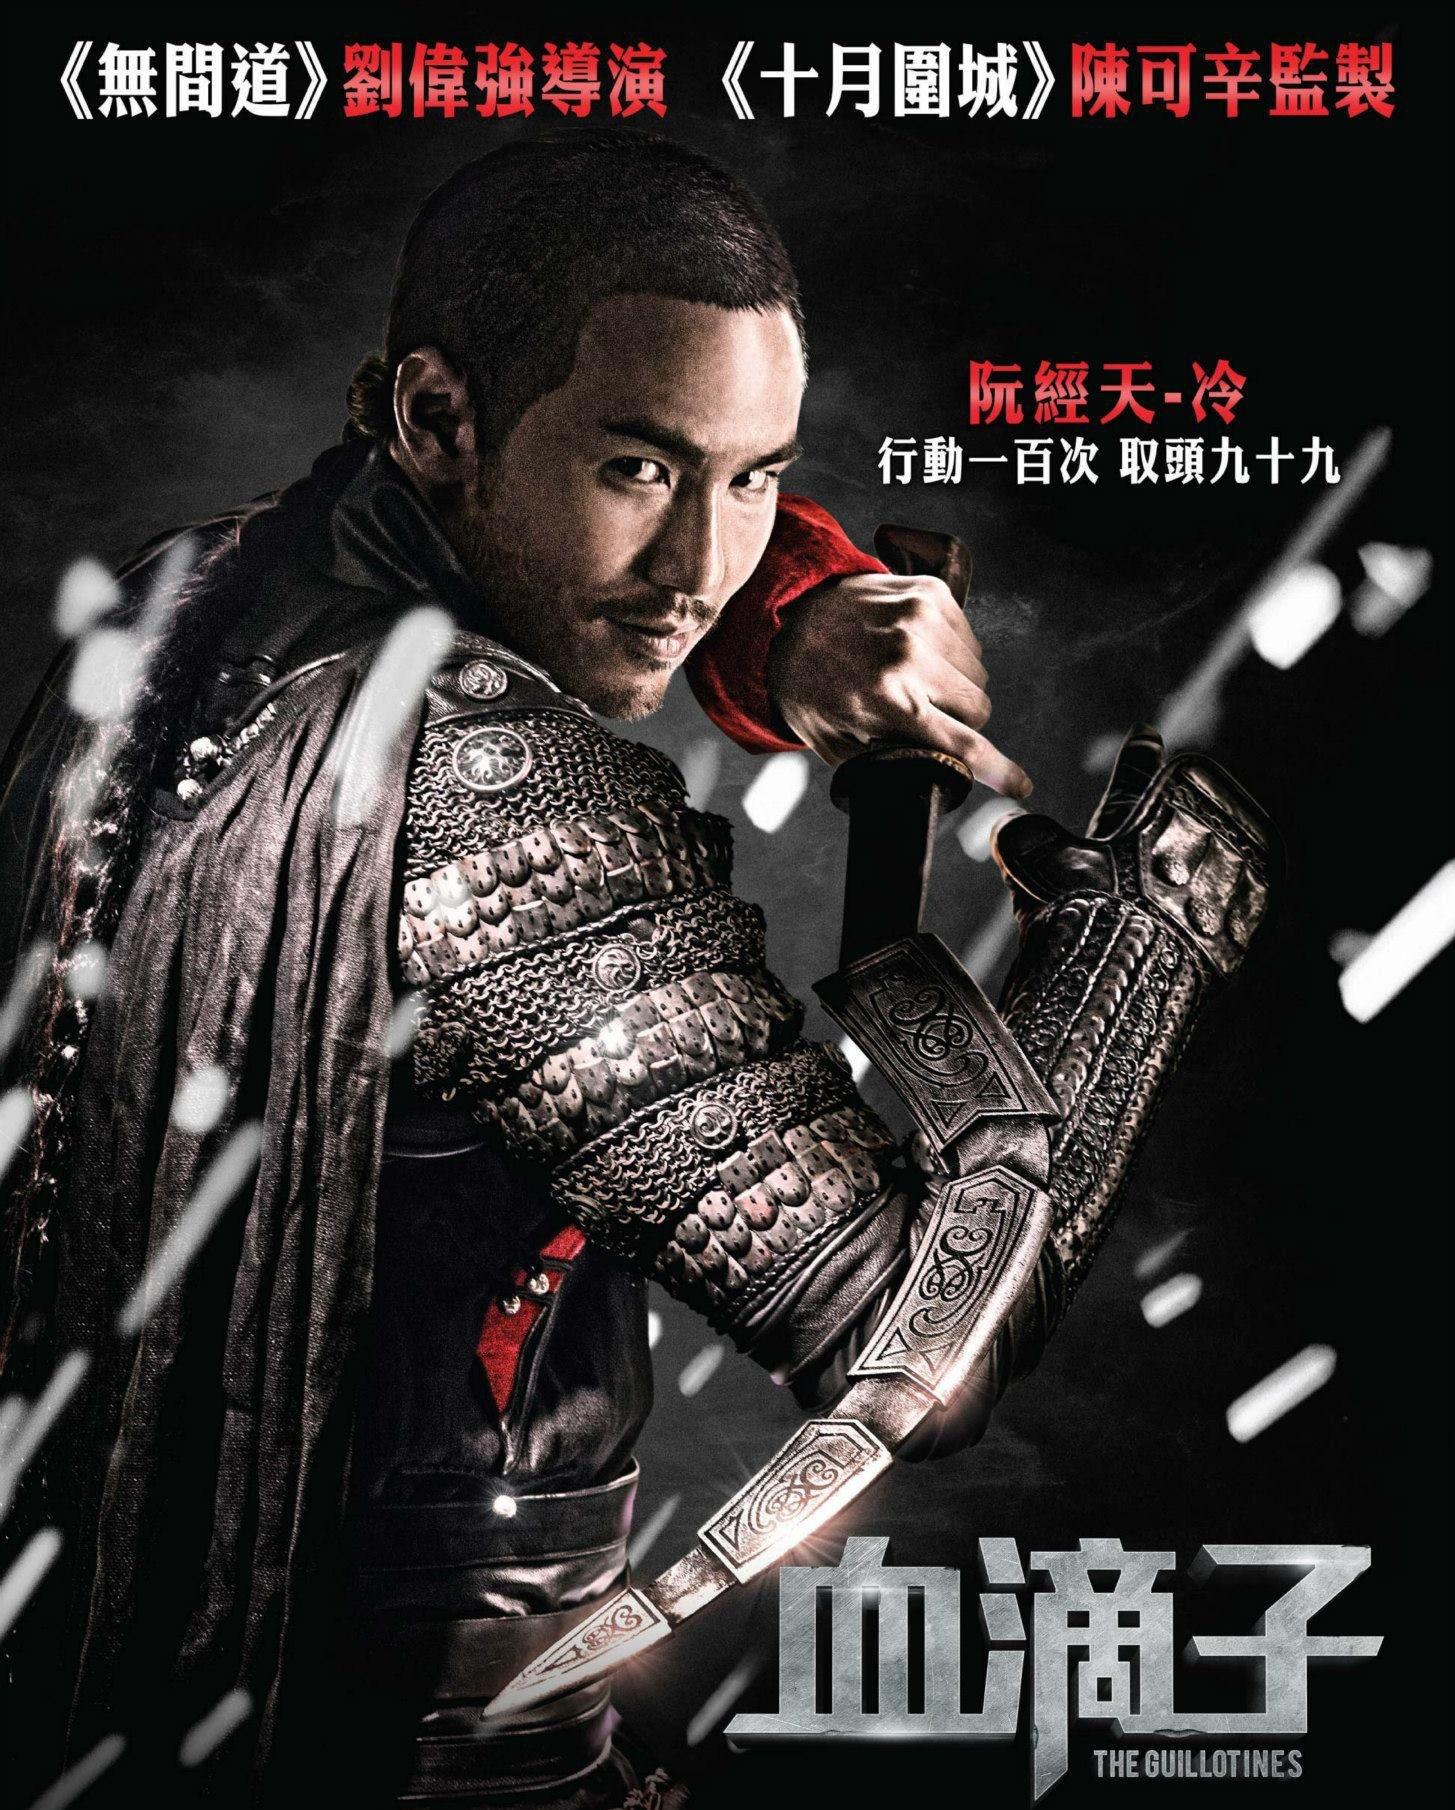 《血滴子》电影宣传海报